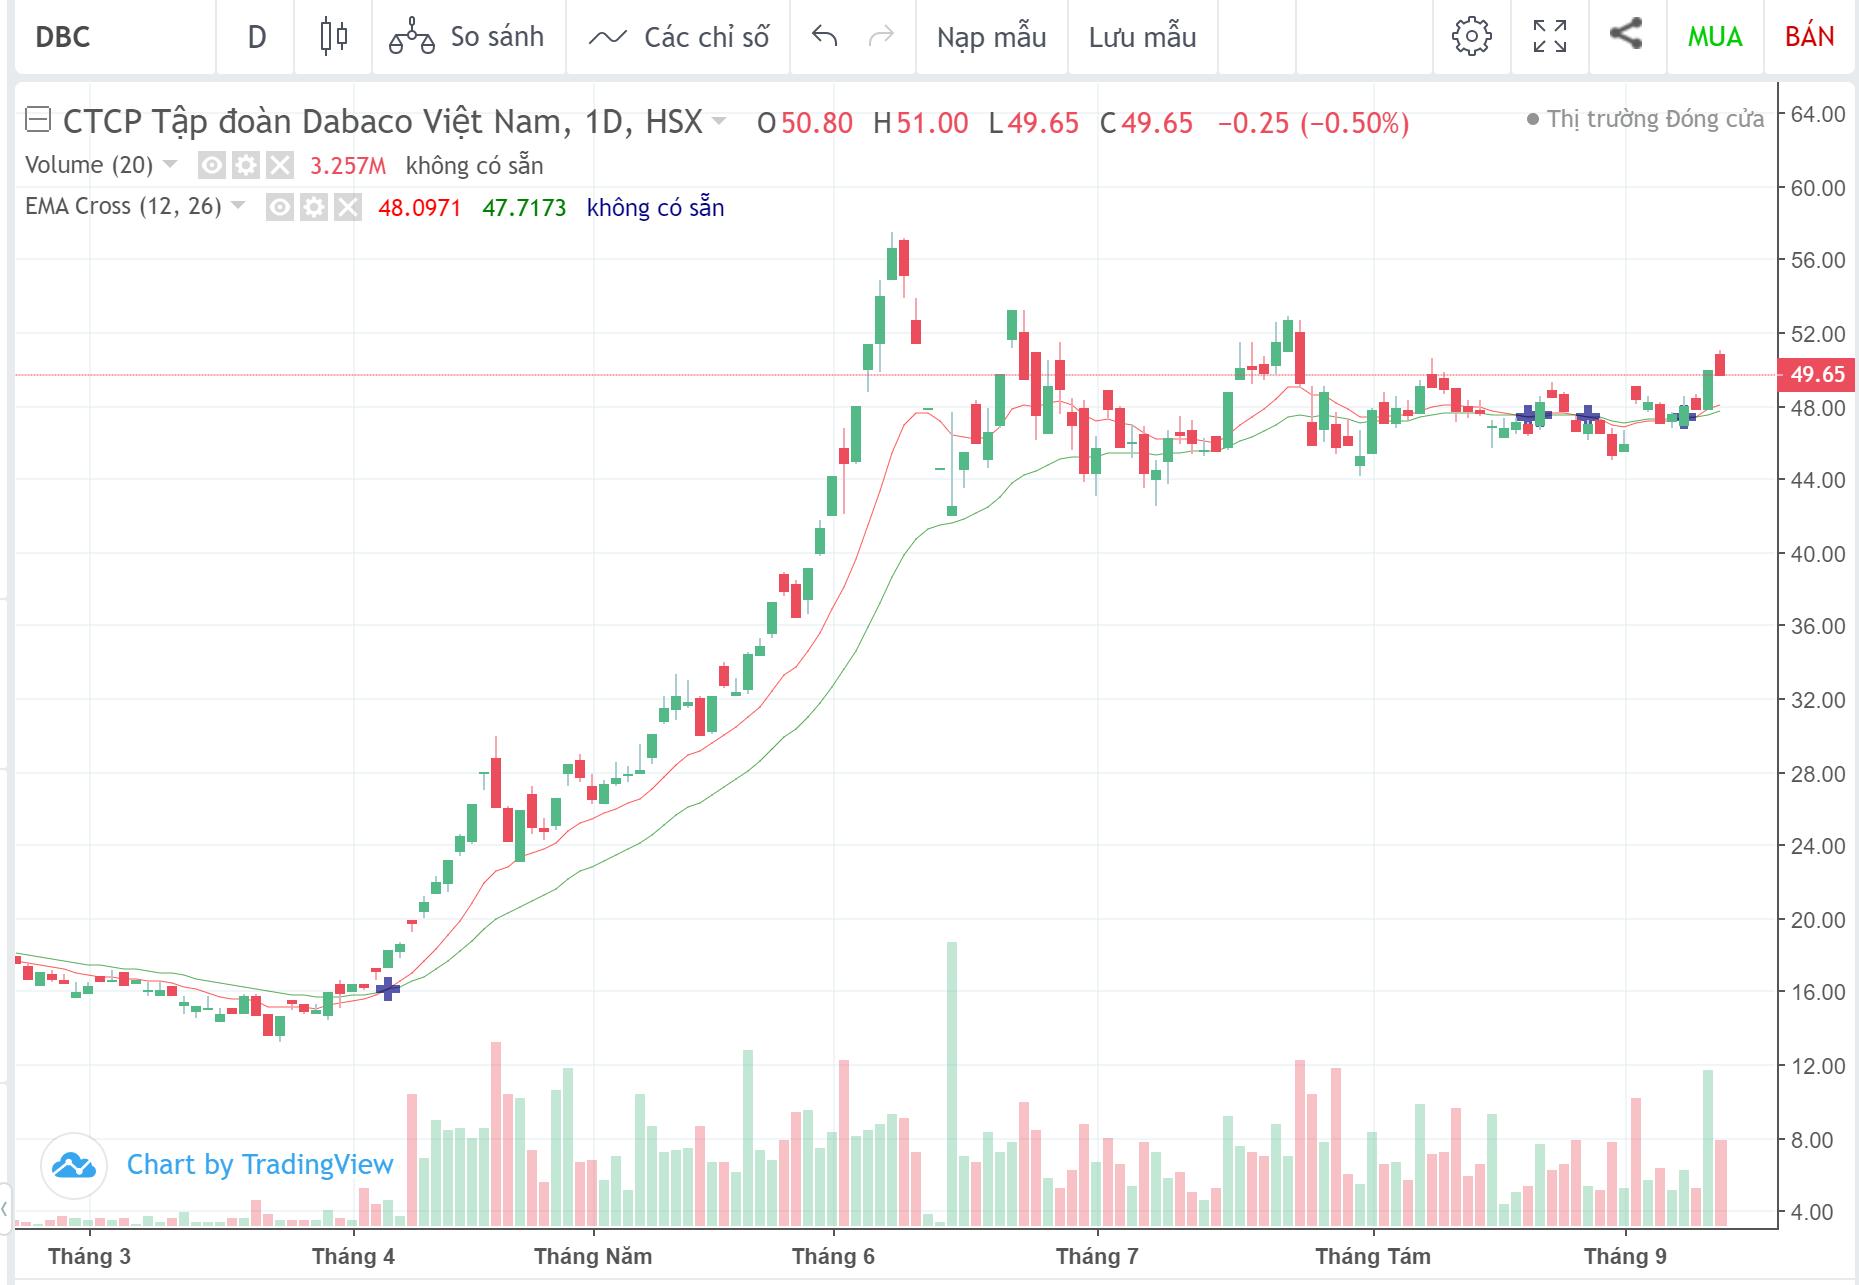 Cổ phiếu tâm điểm ngày 15/9: DBC, TCT, GEG, LDG - Ảnh 1.